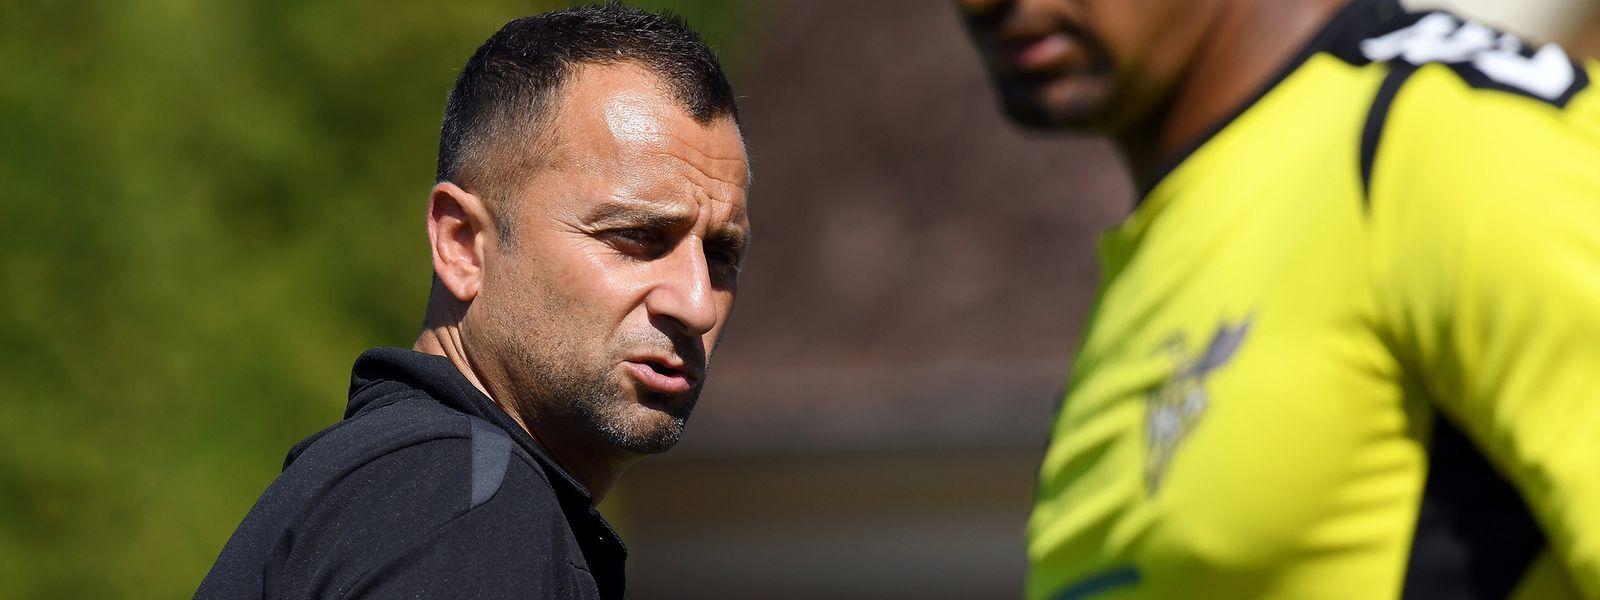 Paulo Amodio ist nicht länger Trainer bei Progrès Niederkorn.